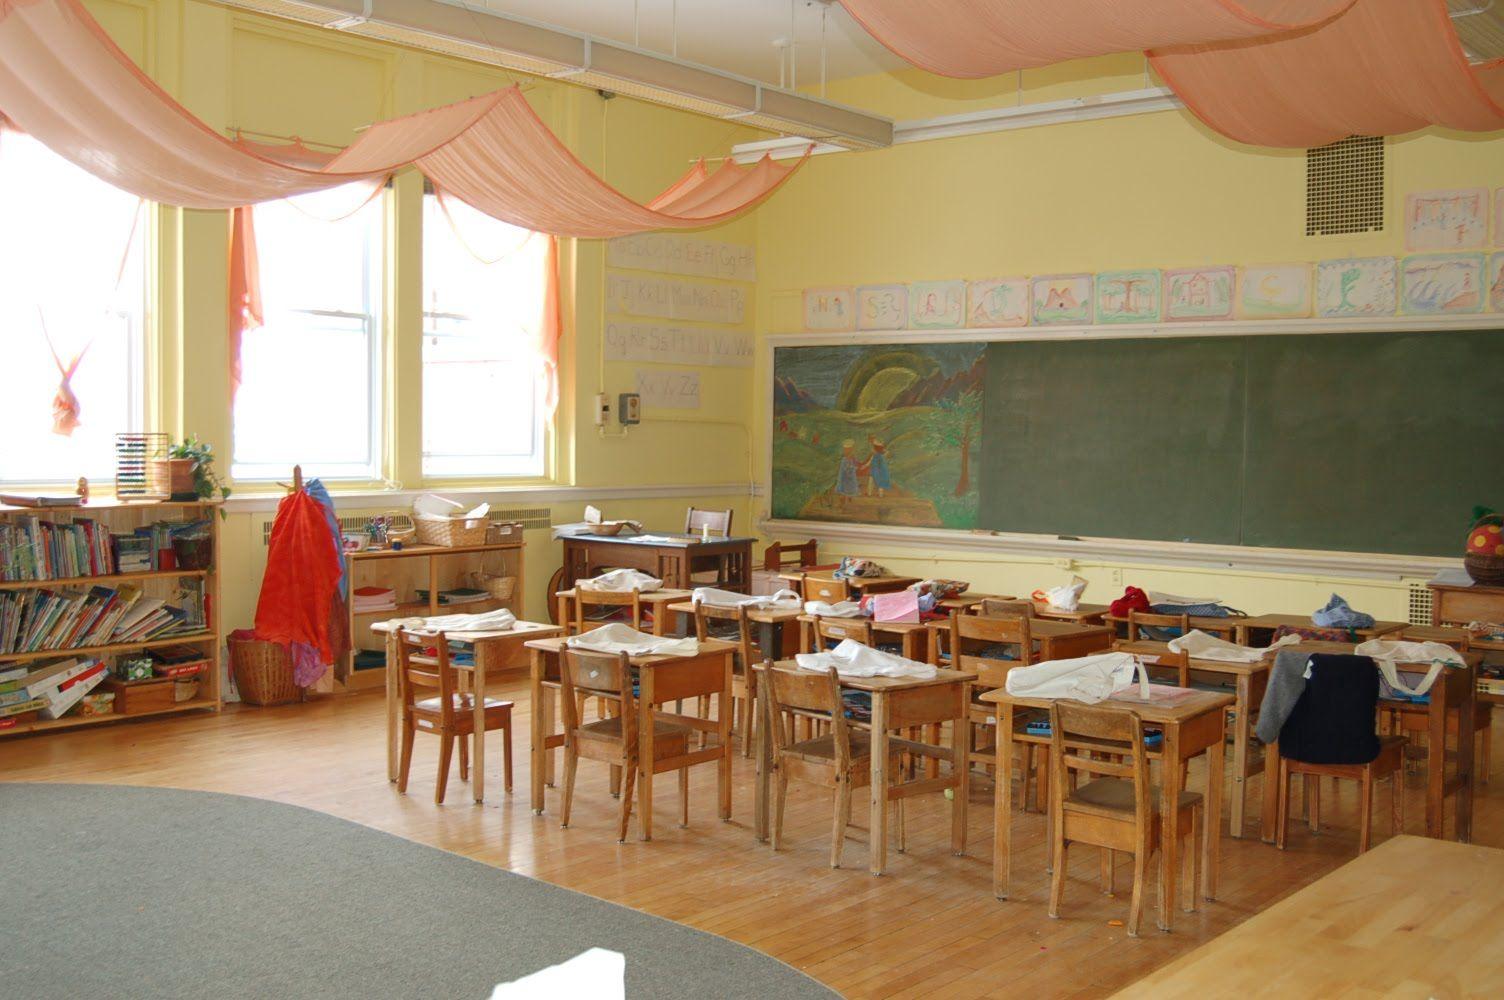 Lap Desks Classroom Walls Classroom Design Classroom